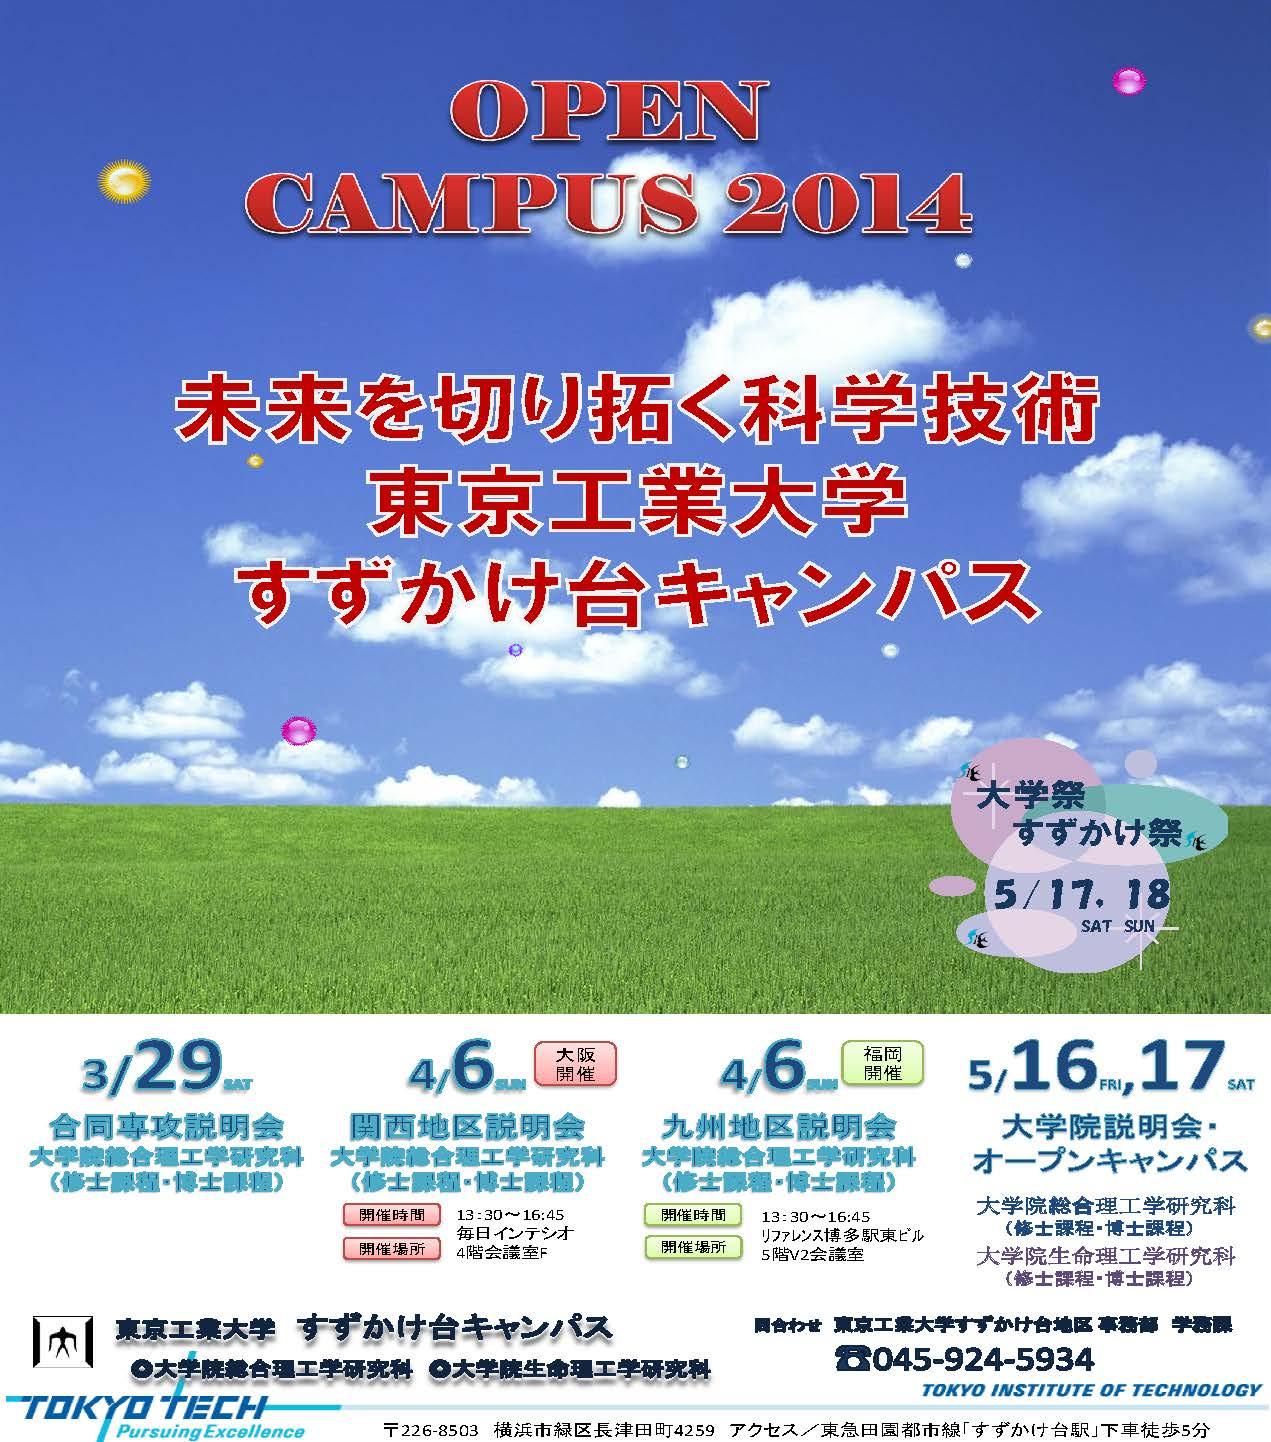 opencampus2014-02.jpg